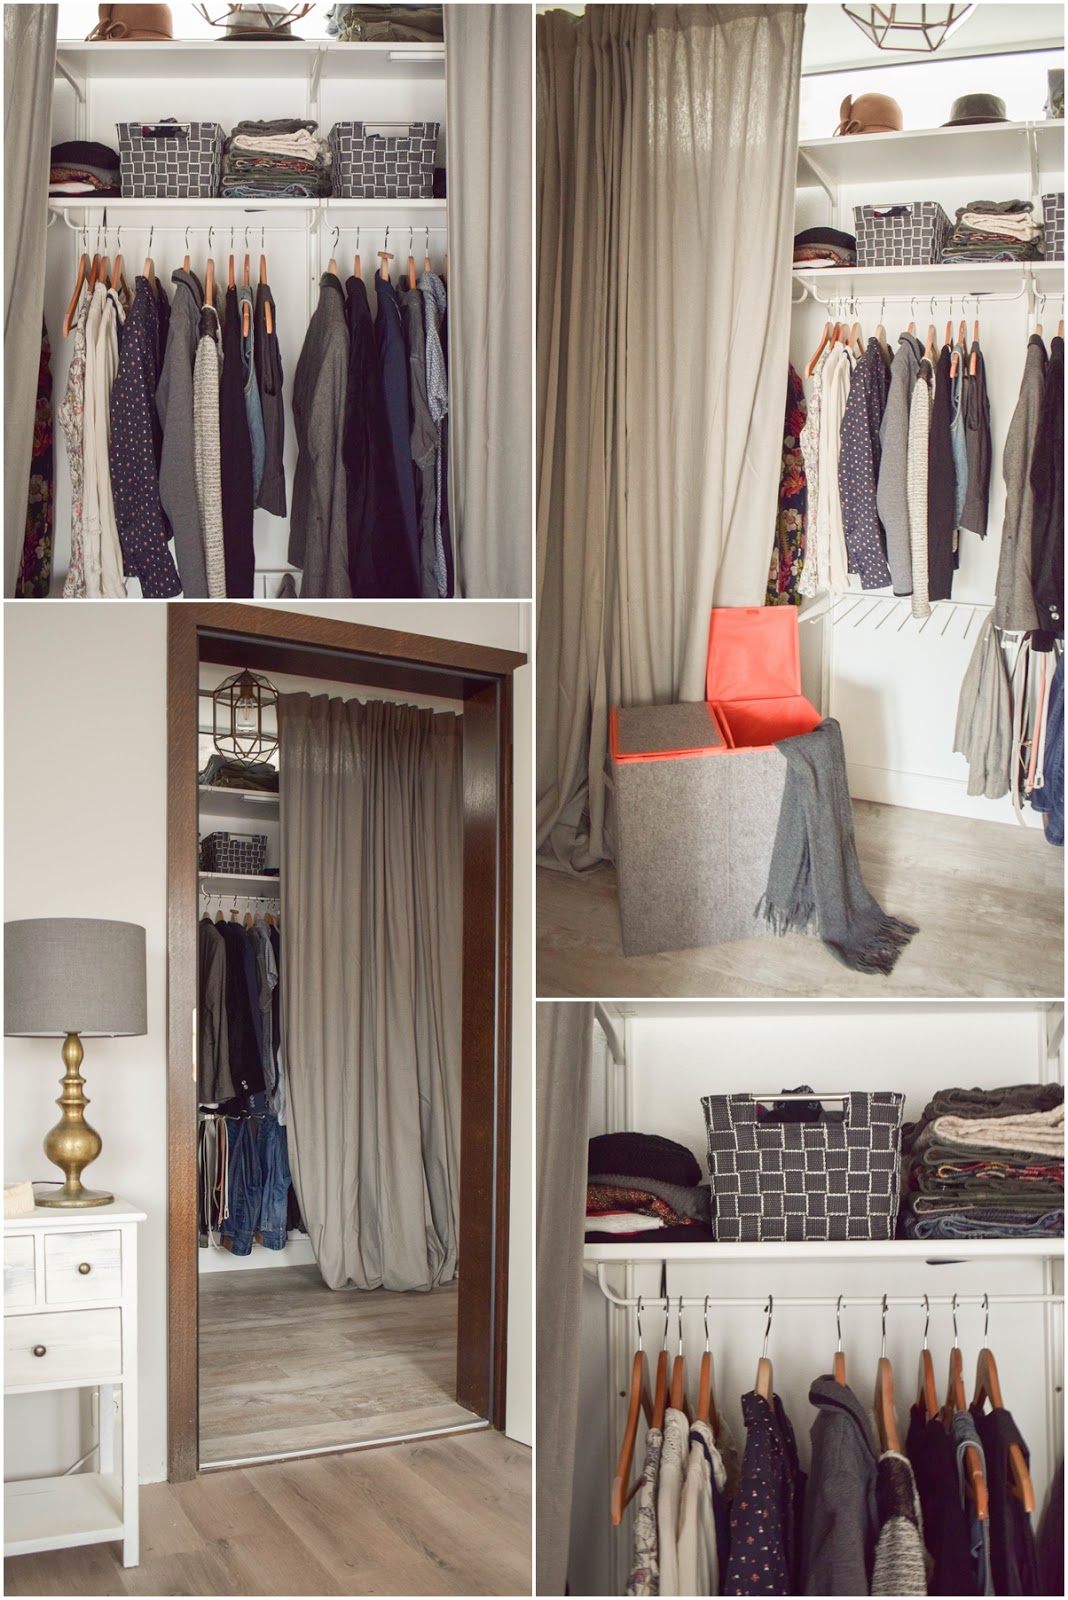 Mein offener Kleiderschrank. Perfekt verstaut und praktisch aufbewahrt. Tipps und Ratgeber für die Organisation